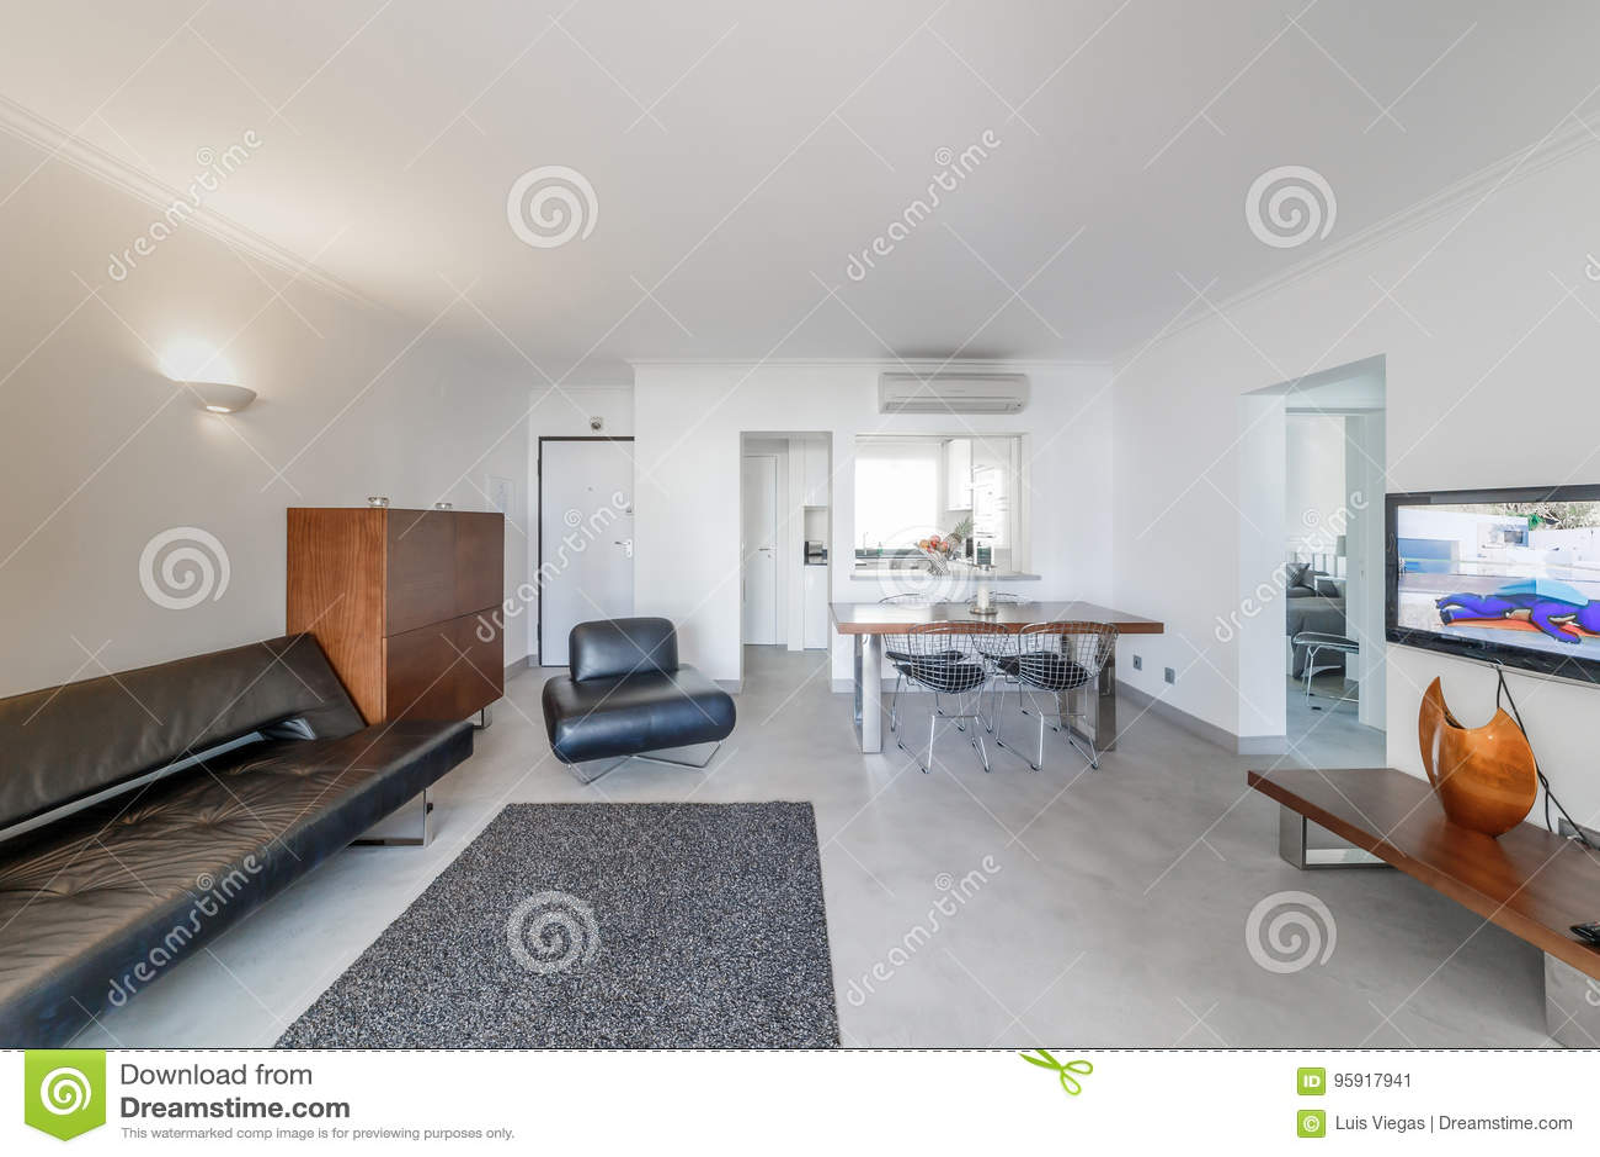 Faszinierend Moderne Wände Foto Von Pattern Wohnung Mit Weißen Wänden Und Hellgrauem